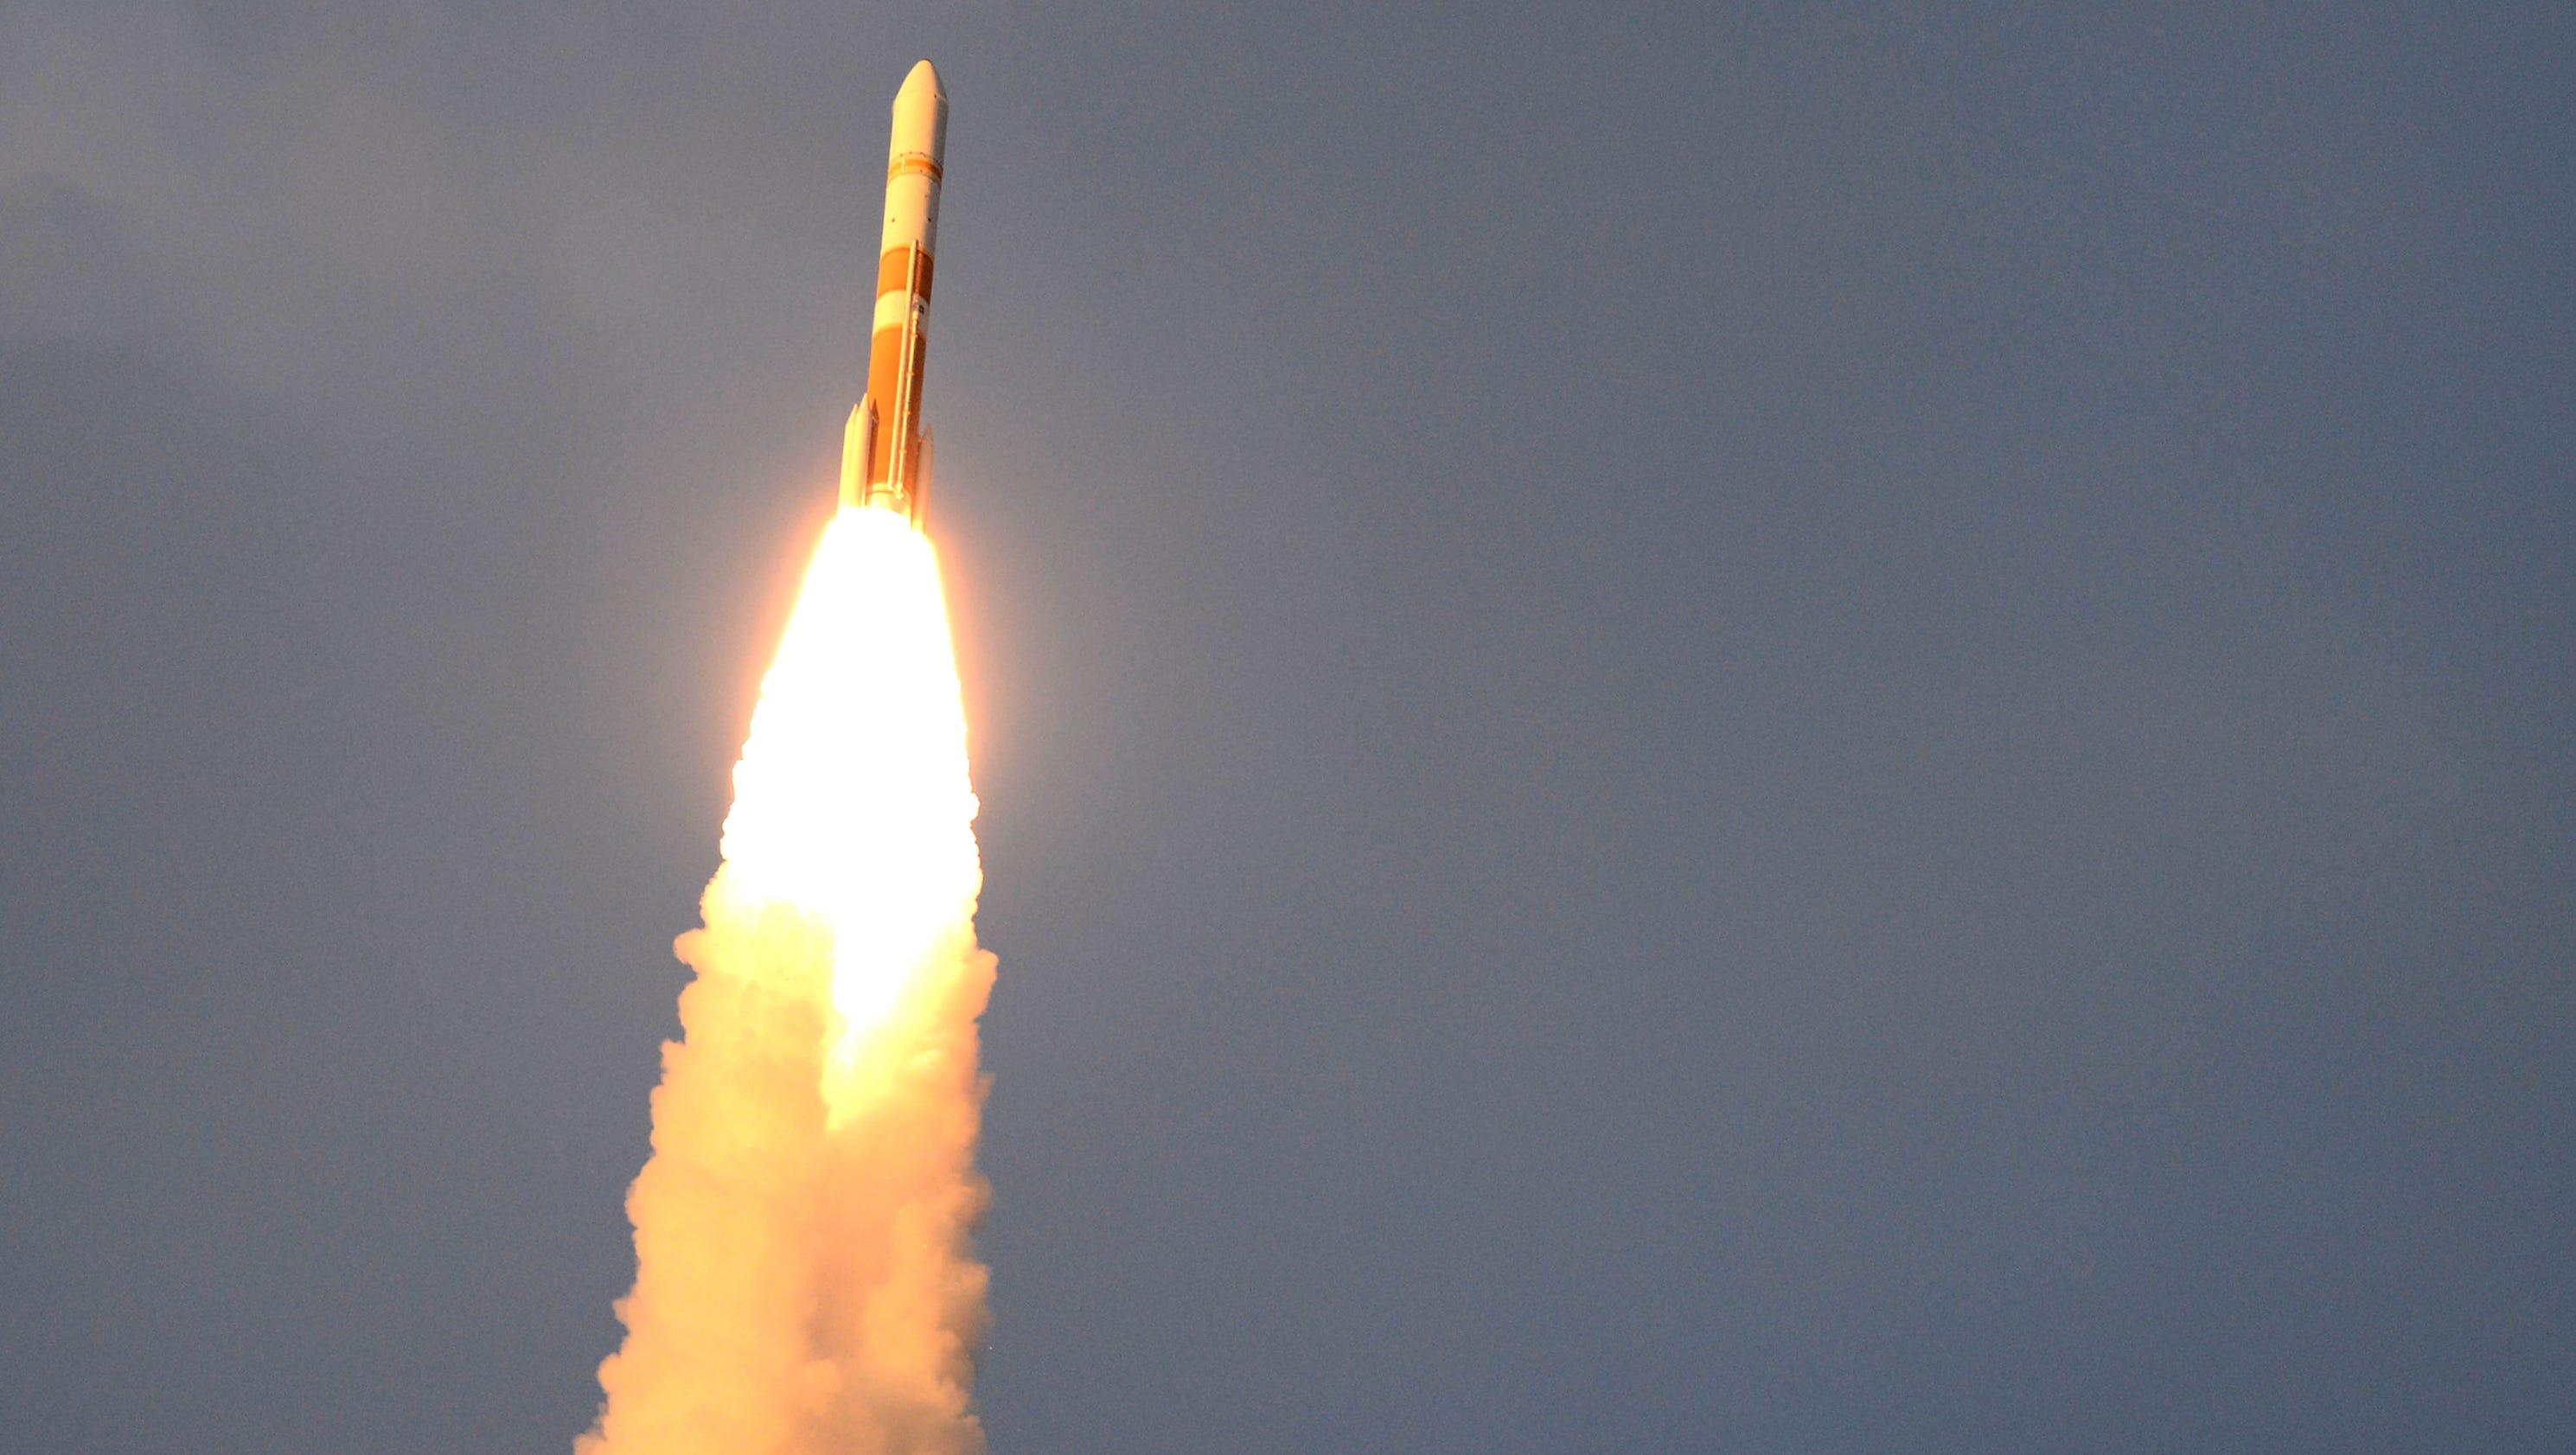 delta space rocket - photo #26